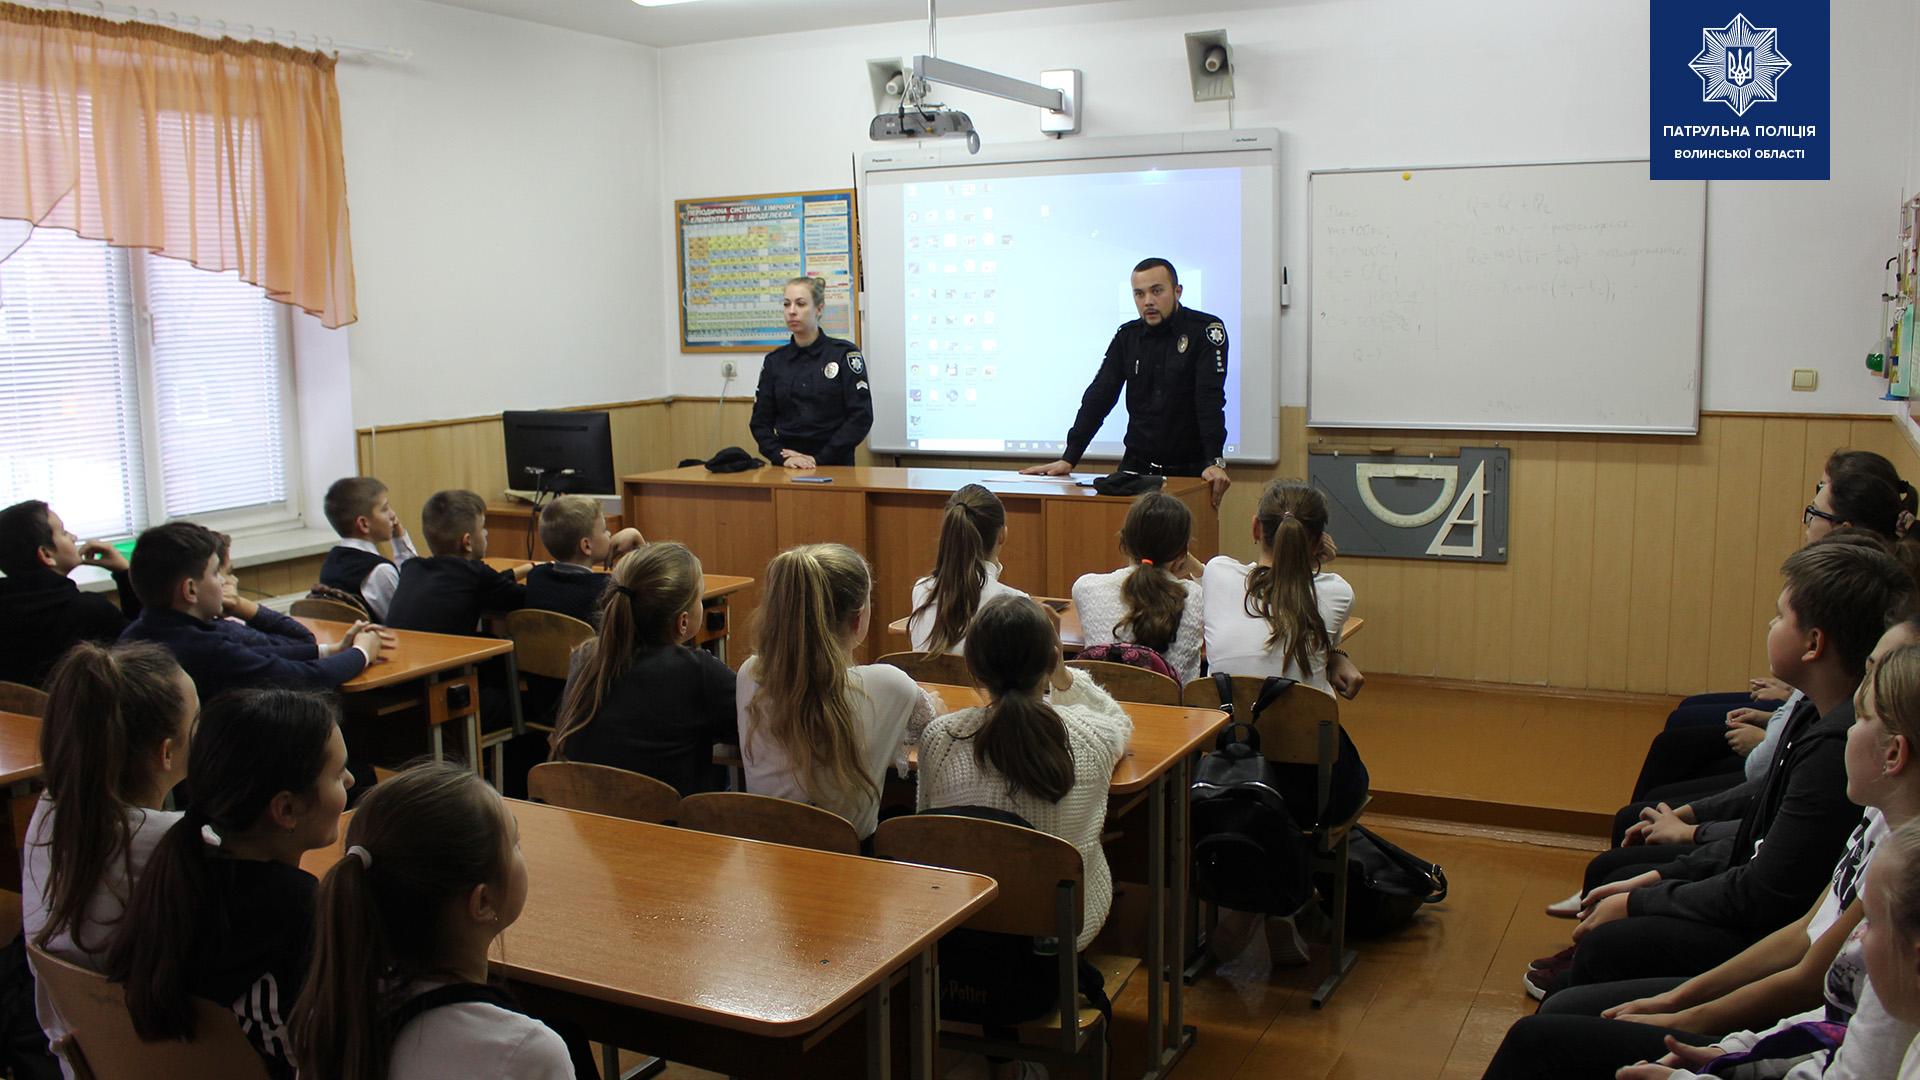 Волинським школярам розповіли, як розв'язати конфлікт мирним шляхом